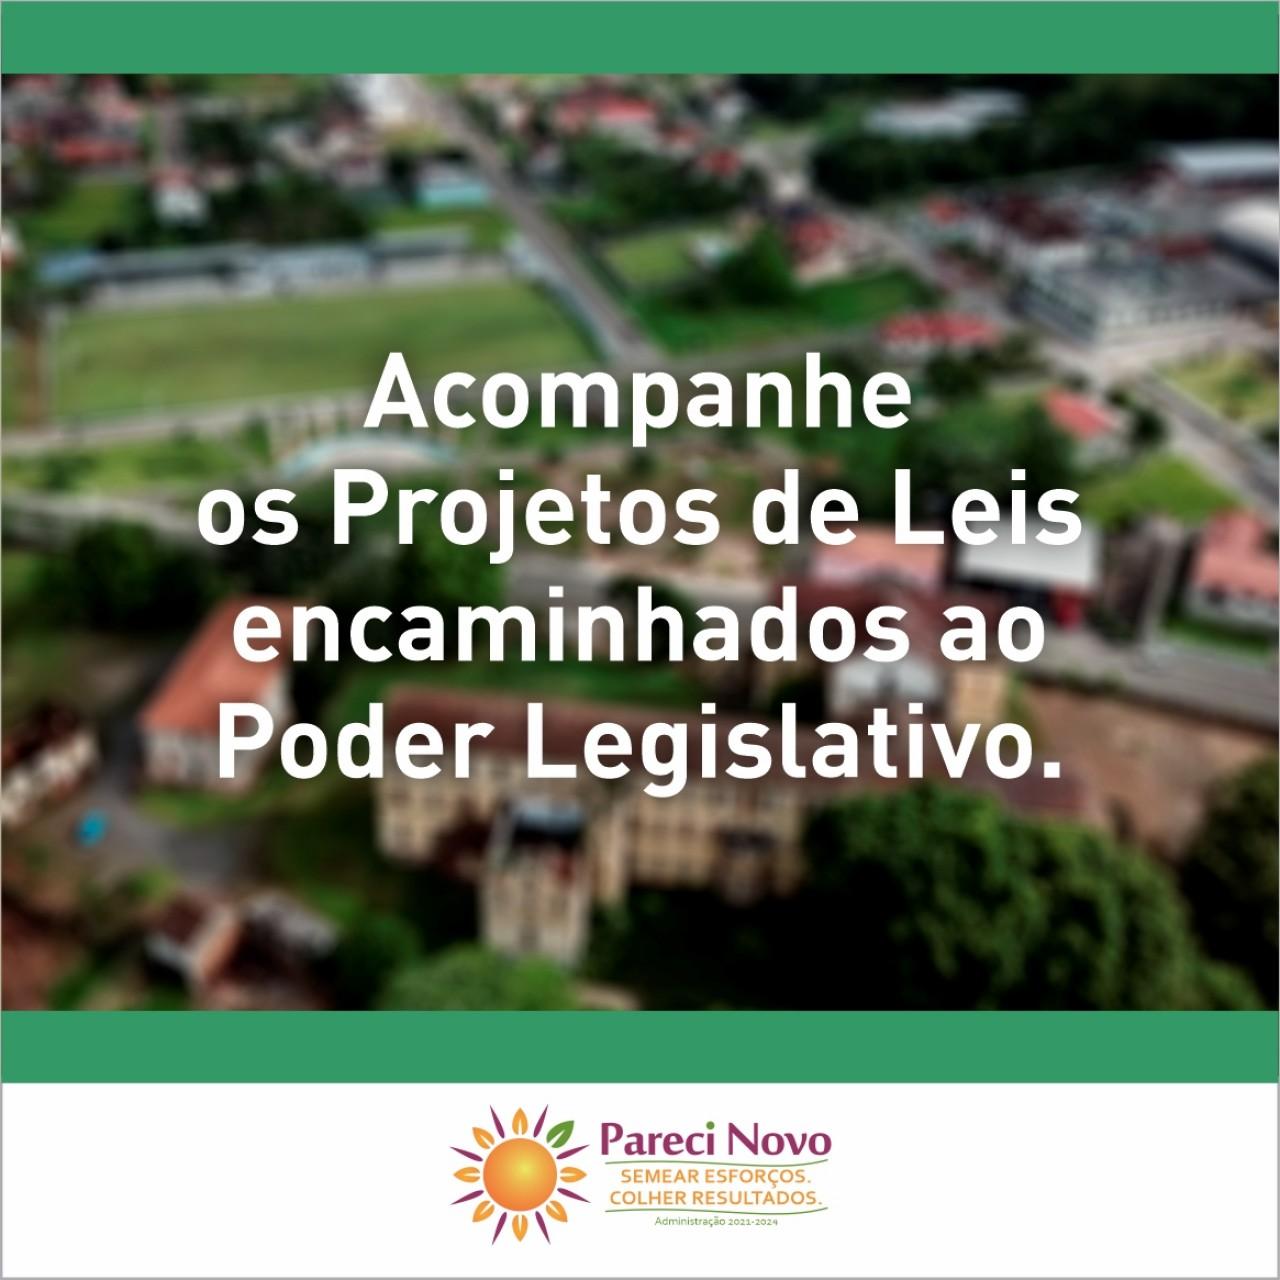 Acompanhe os projetos de leis encaminhados ao Poder Legislativo